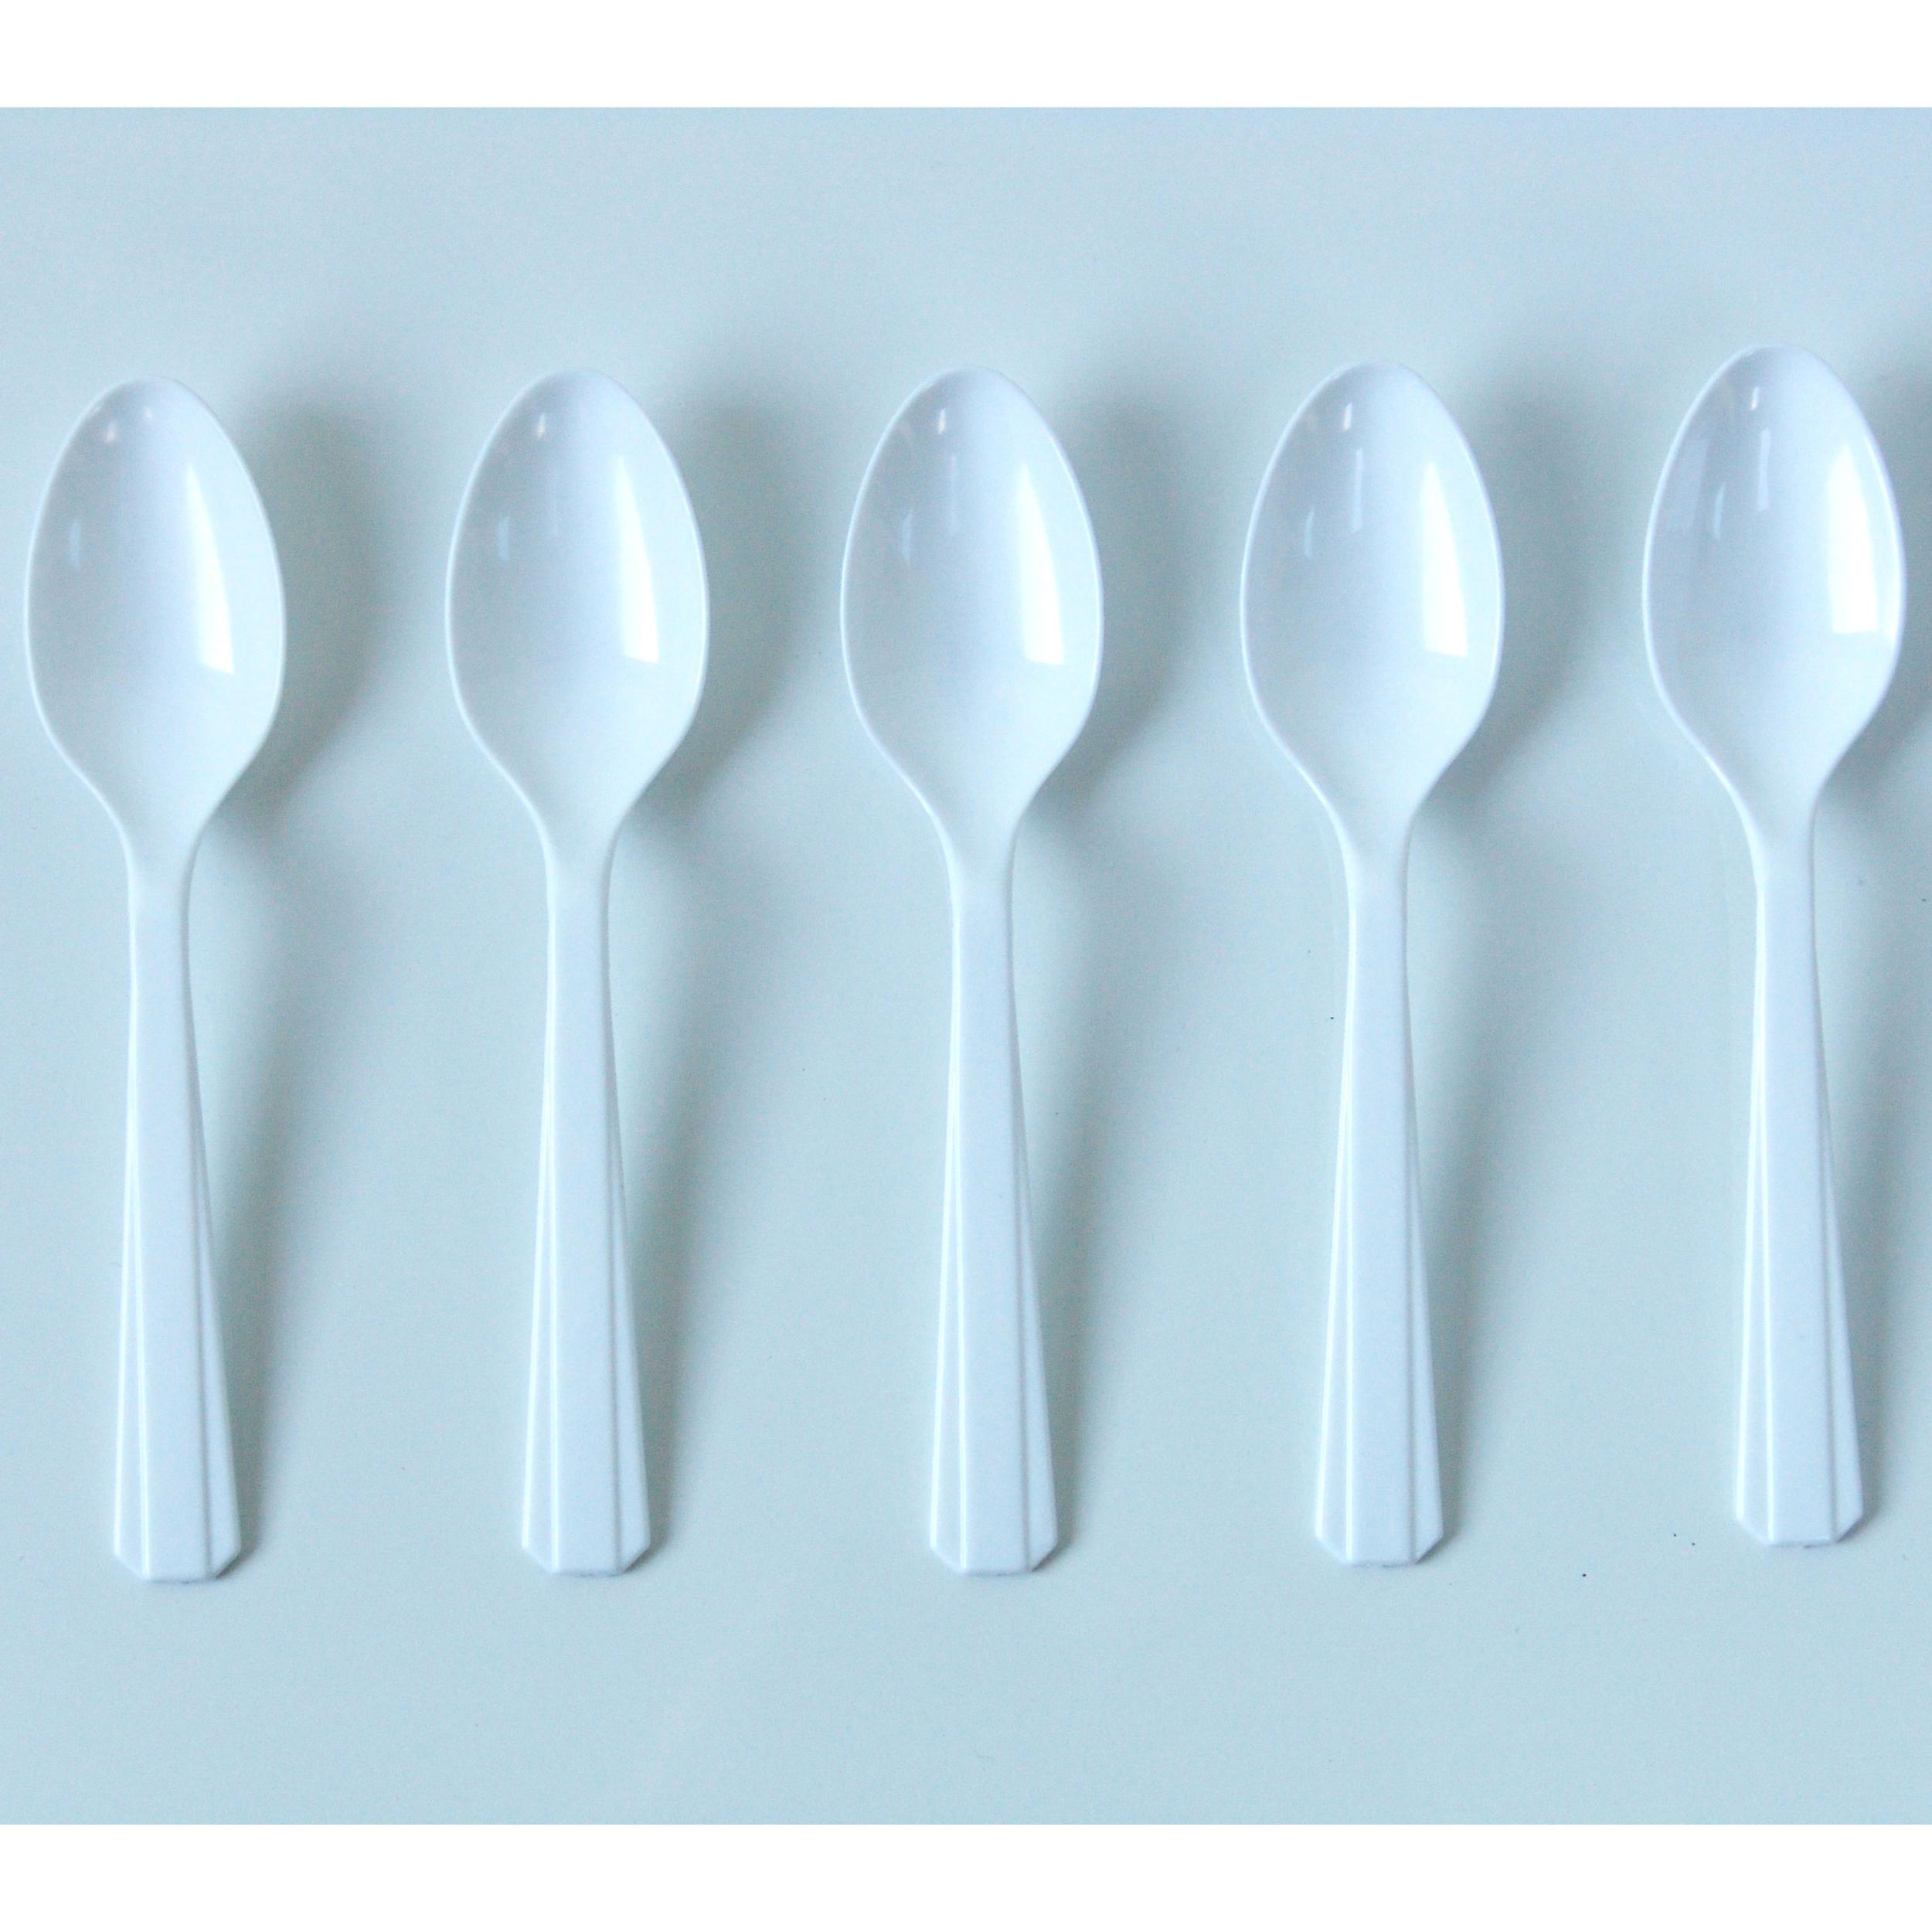 10 petites cuillères en plastique blanc